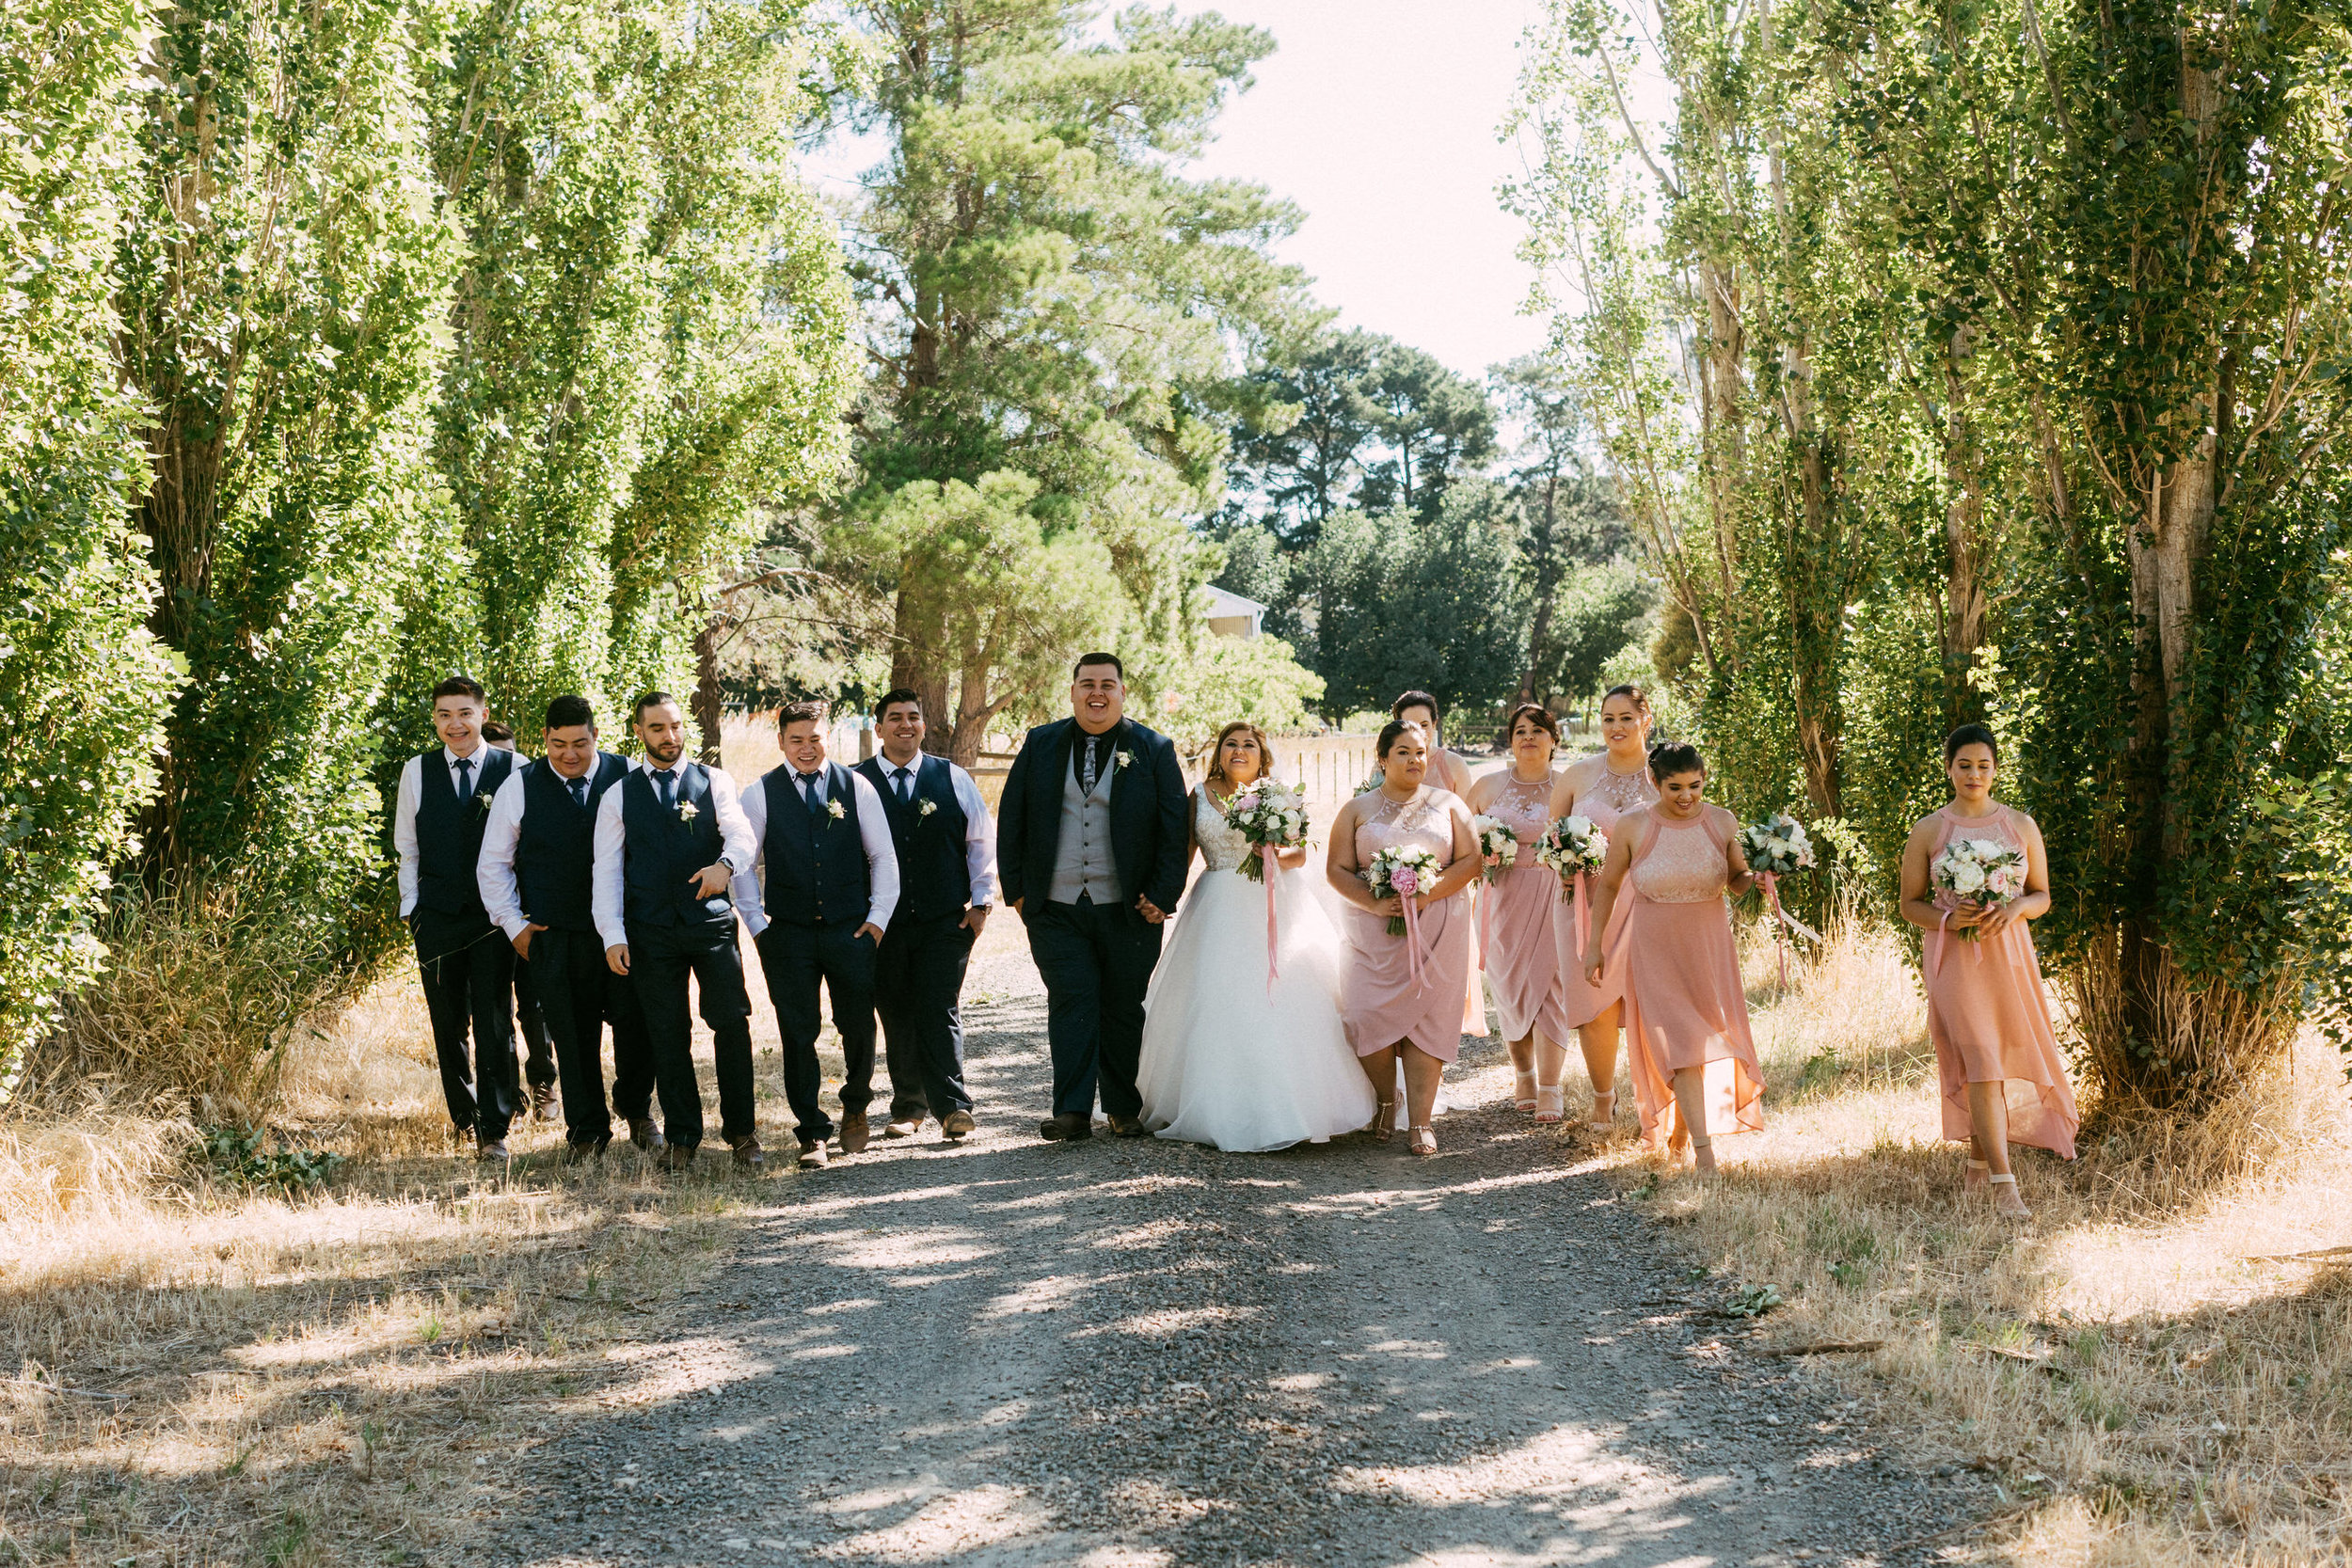 Al Ru Farm Summer Wedding 076.jpg